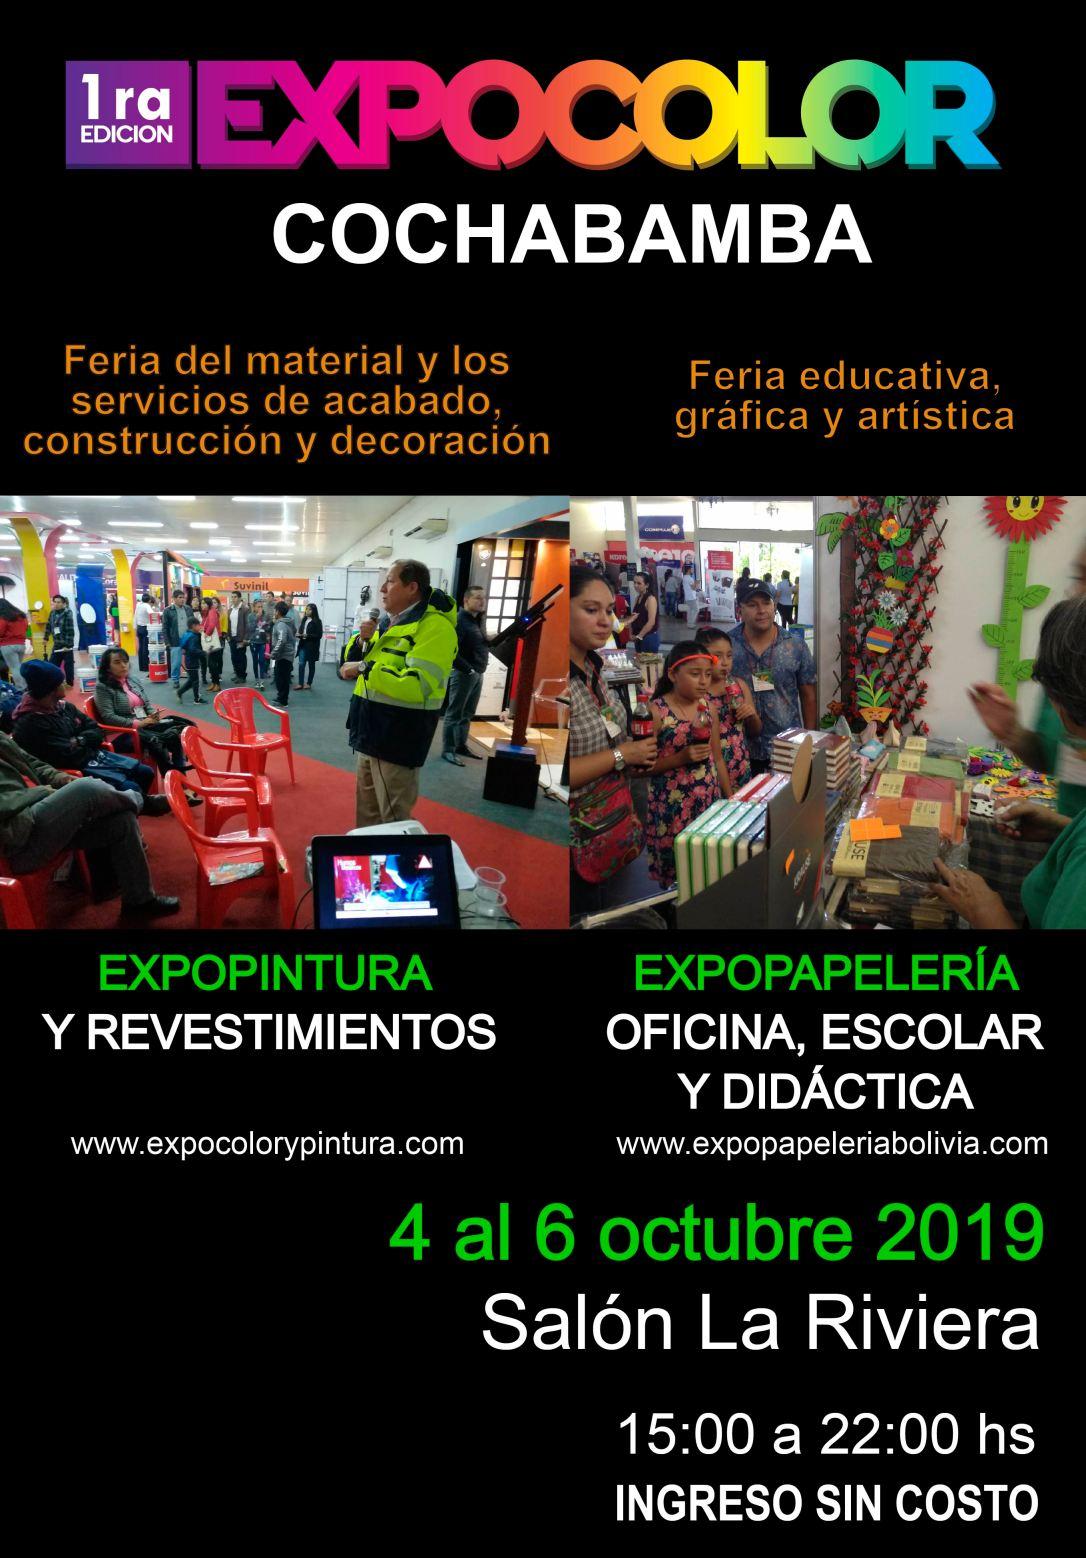 ArteExpoColorCochabamba2019-01